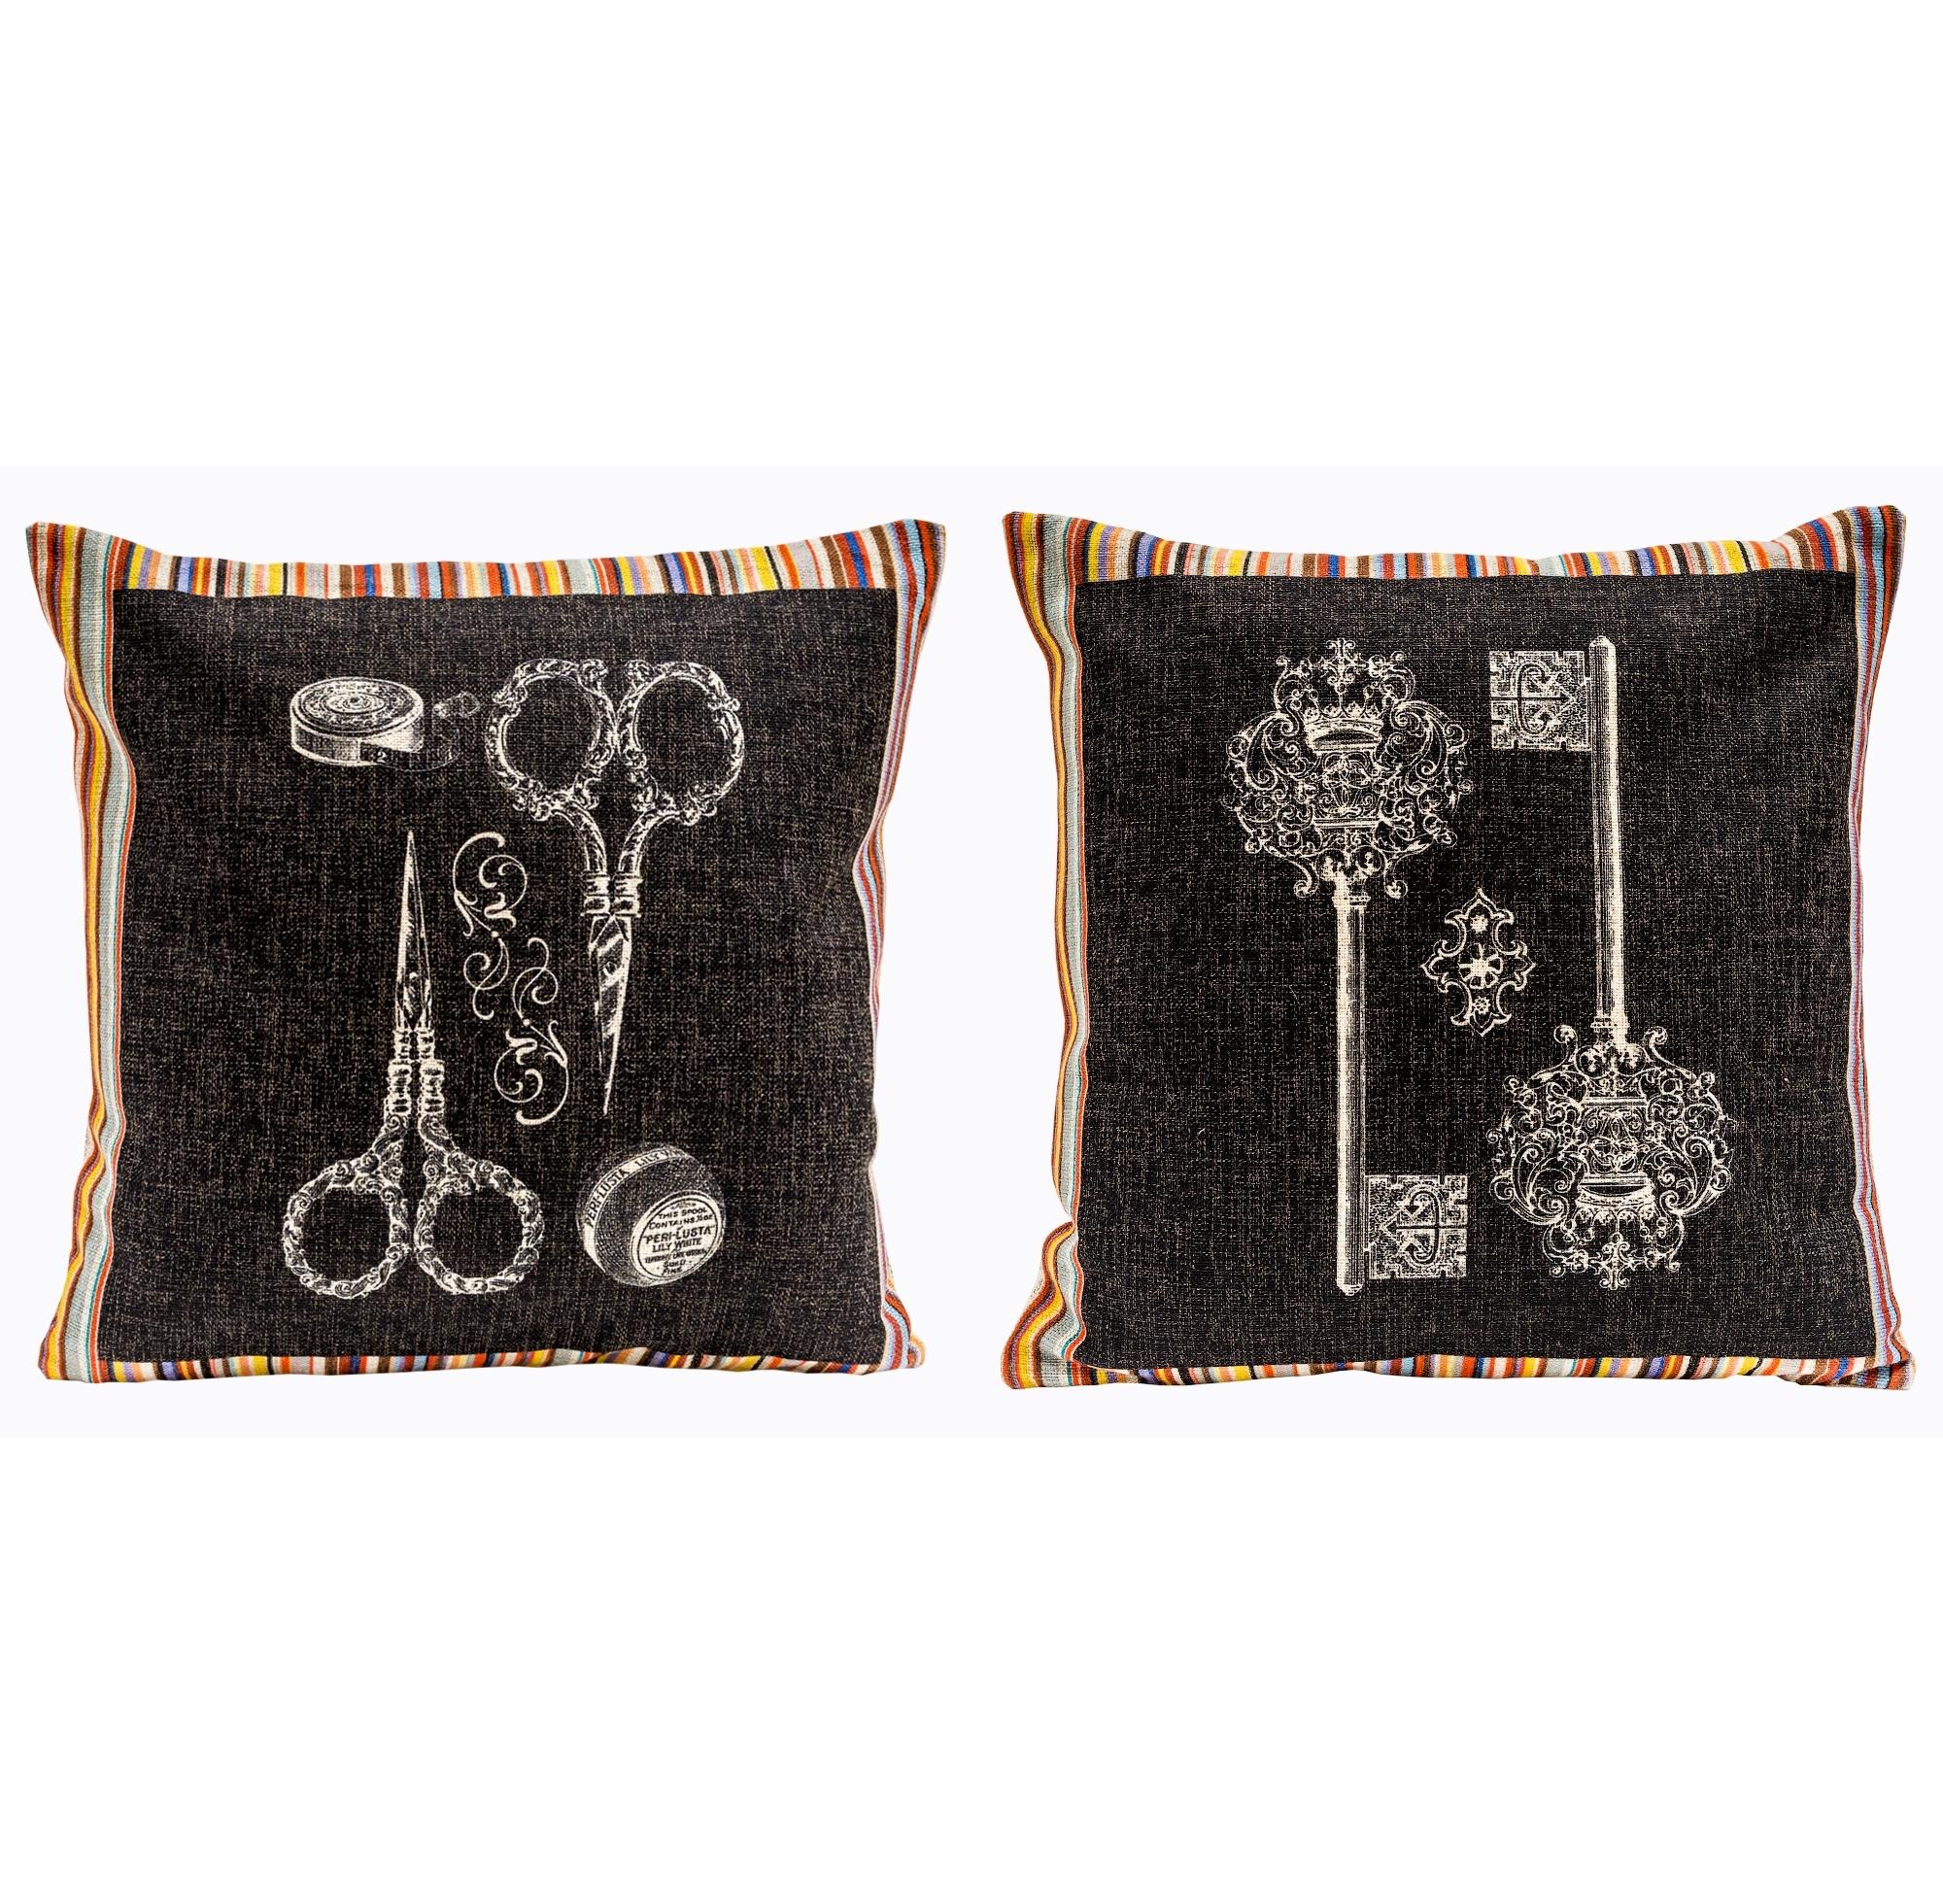 Набор из двух декоративных подушек СтрайпКвадратные подушки<br>Поток радужных лучей пропитывает дизайн подушек  &amp;quot;Страйп&amp;quot; пикантностью и откровенным шиком. Декоративные подушки — простейший и надежный способ домашнего комфорта и уюта. Яркие арт-инсталляции отвечают главному девизу интерьера: удивляют, запоминаются, вызывают страсть к коллекции.<br>Мягкие подушечки всегда желанны в гостиных, спальнях и холлах.<br><br>Material: Хлопок<br>Width см: 45<br>Height см: 45